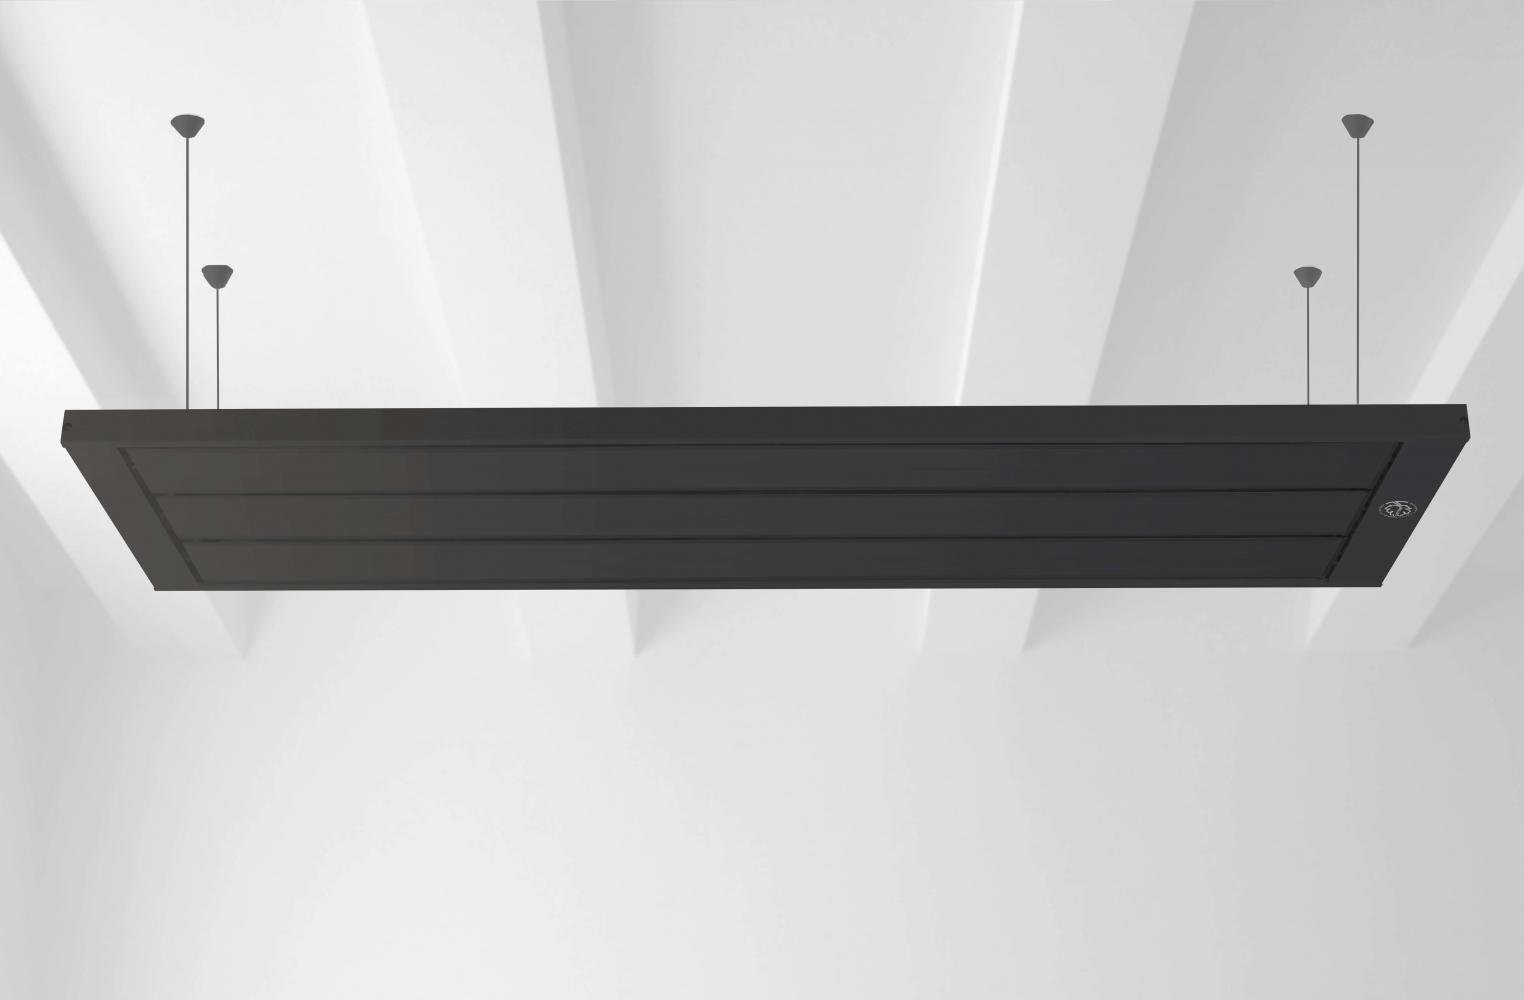 Керамическая панель Билюкс П 4000 1